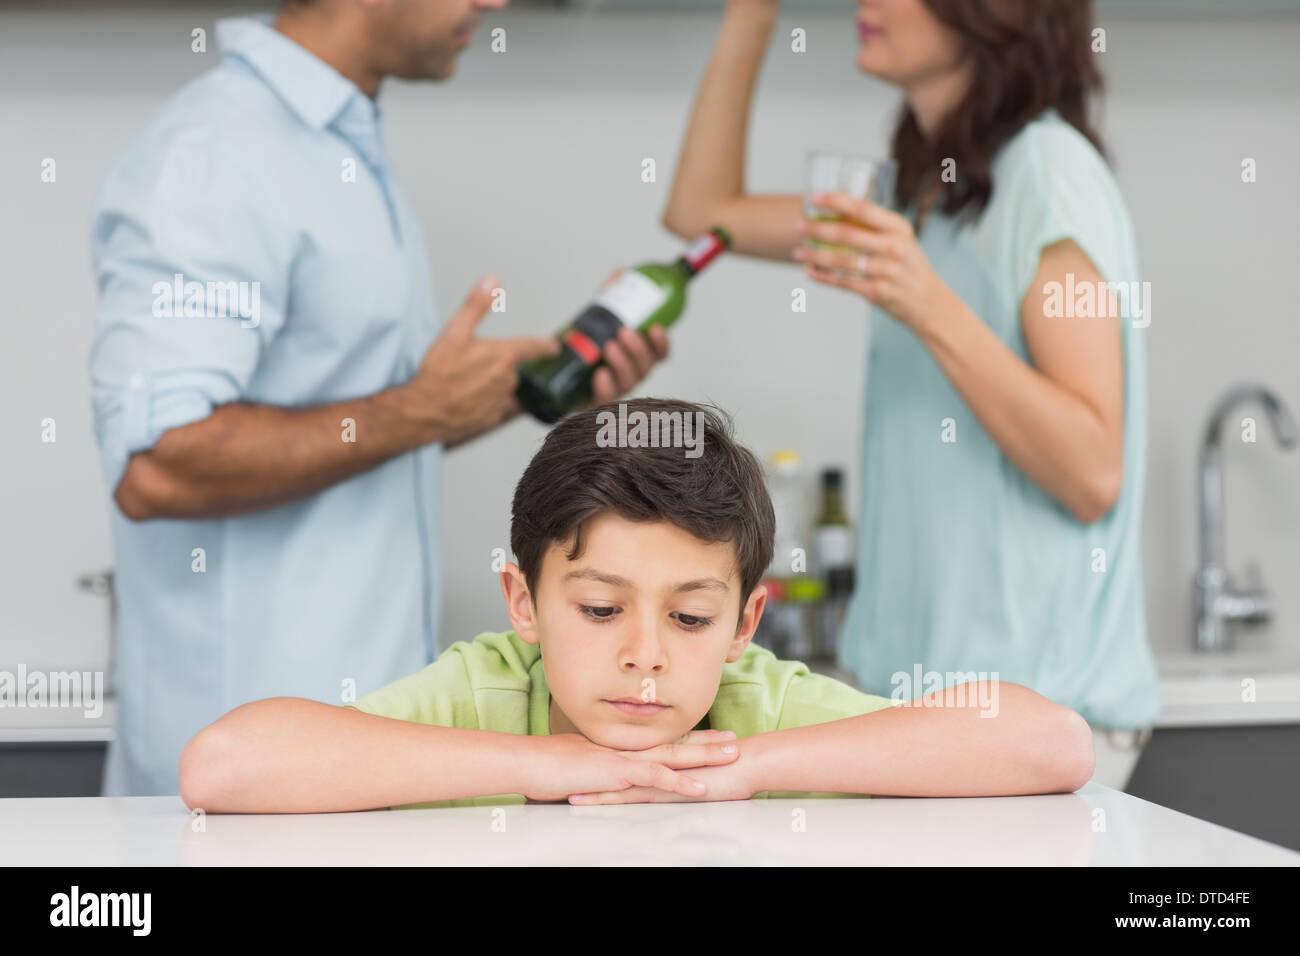 Nahaufnahme eines traurigen Sohnes während die Eltern streiten Stockbild